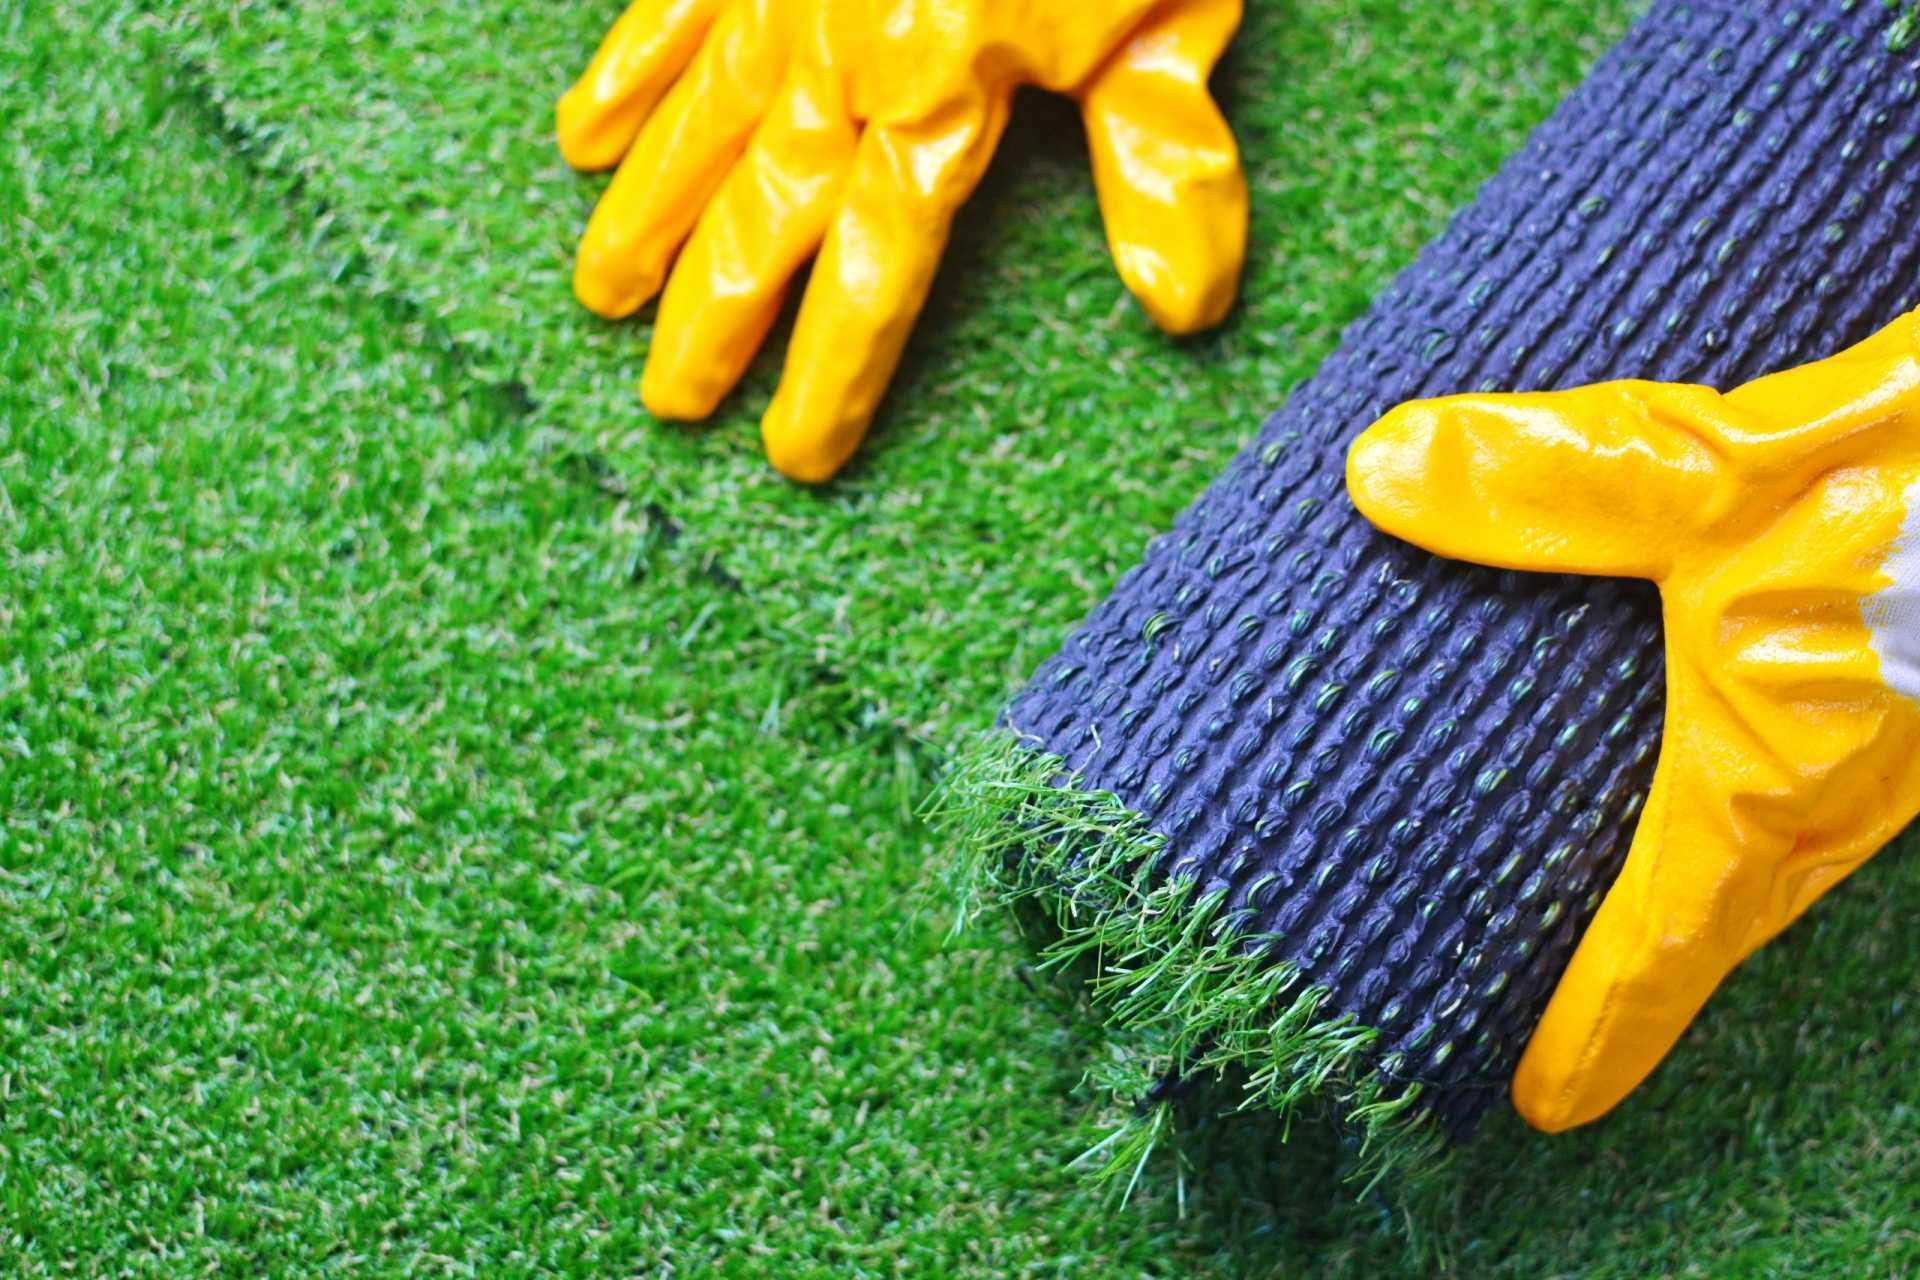 3 Kunstrasen für den Garten, die direkt eine wunderschöne Grünfläche garantieren